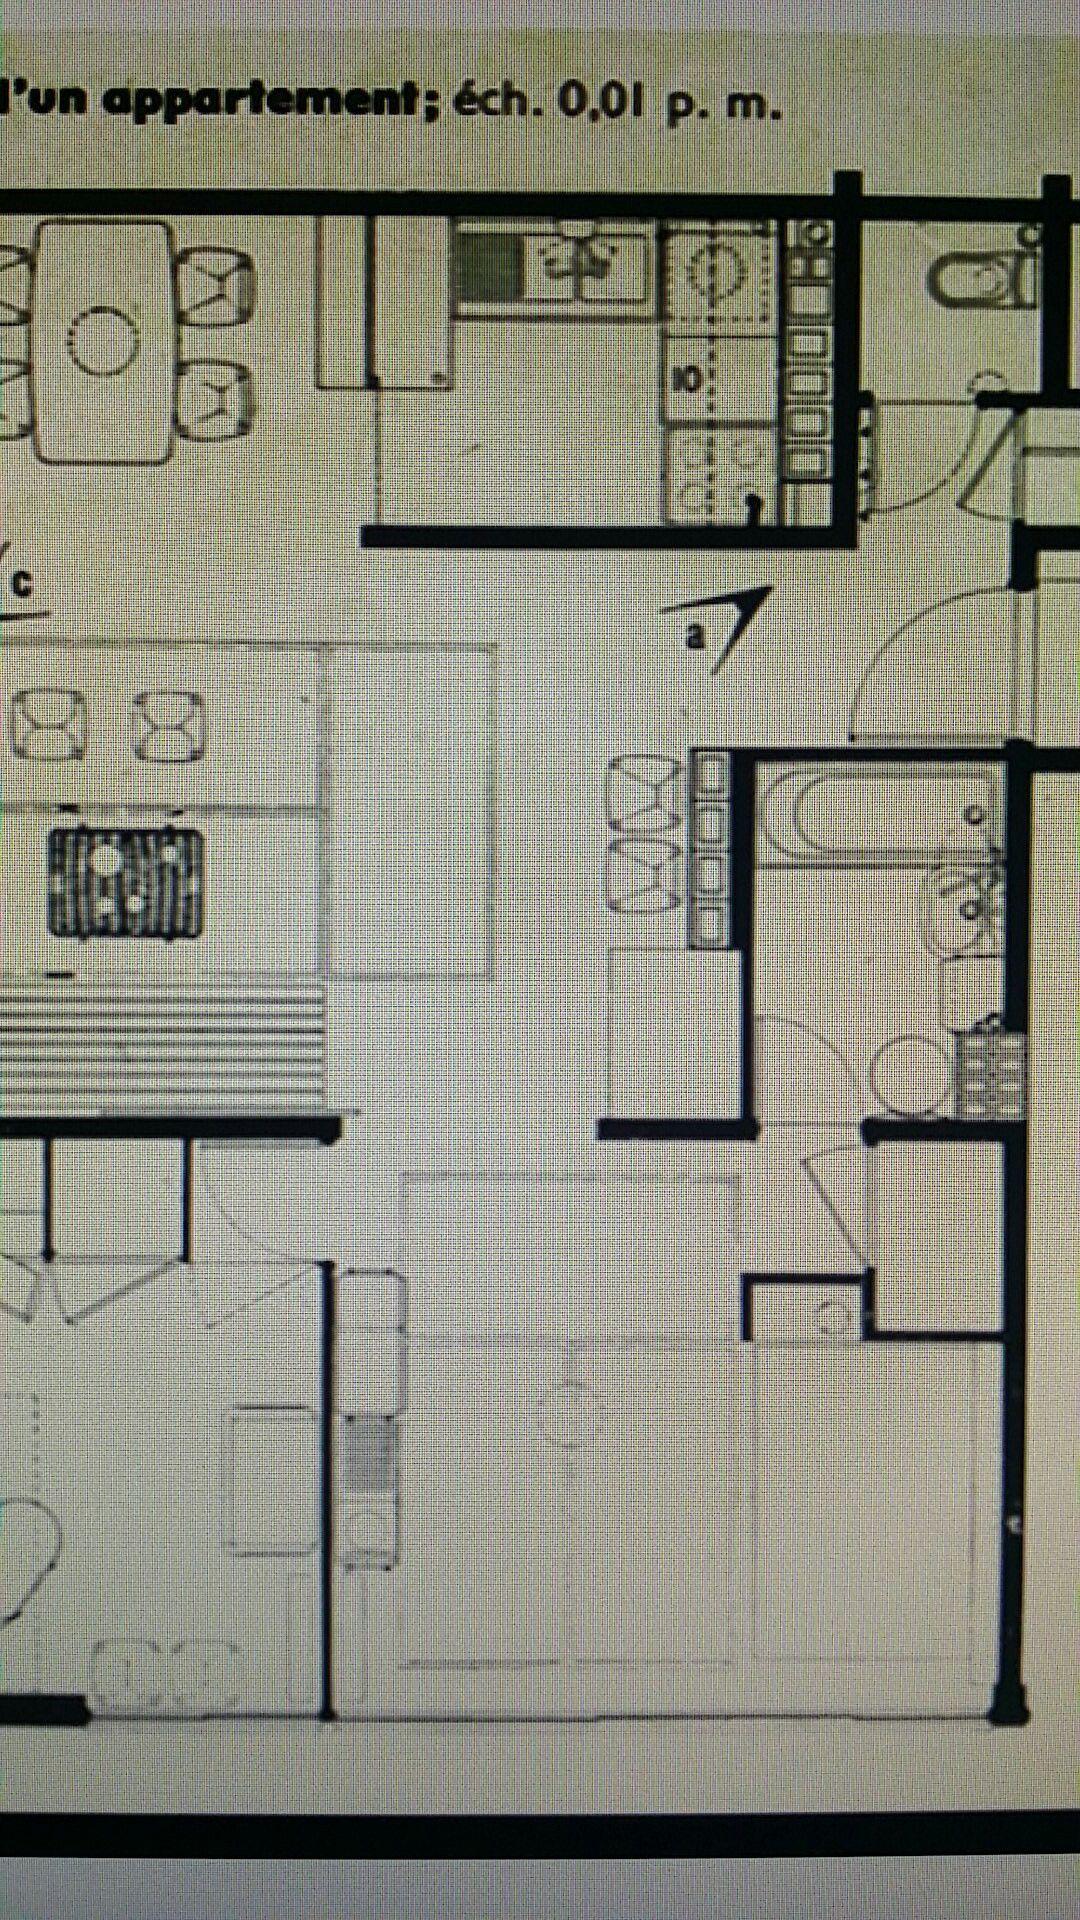 Logement du0027un immeuble collectif Architecture PlanArchitecture Drawing